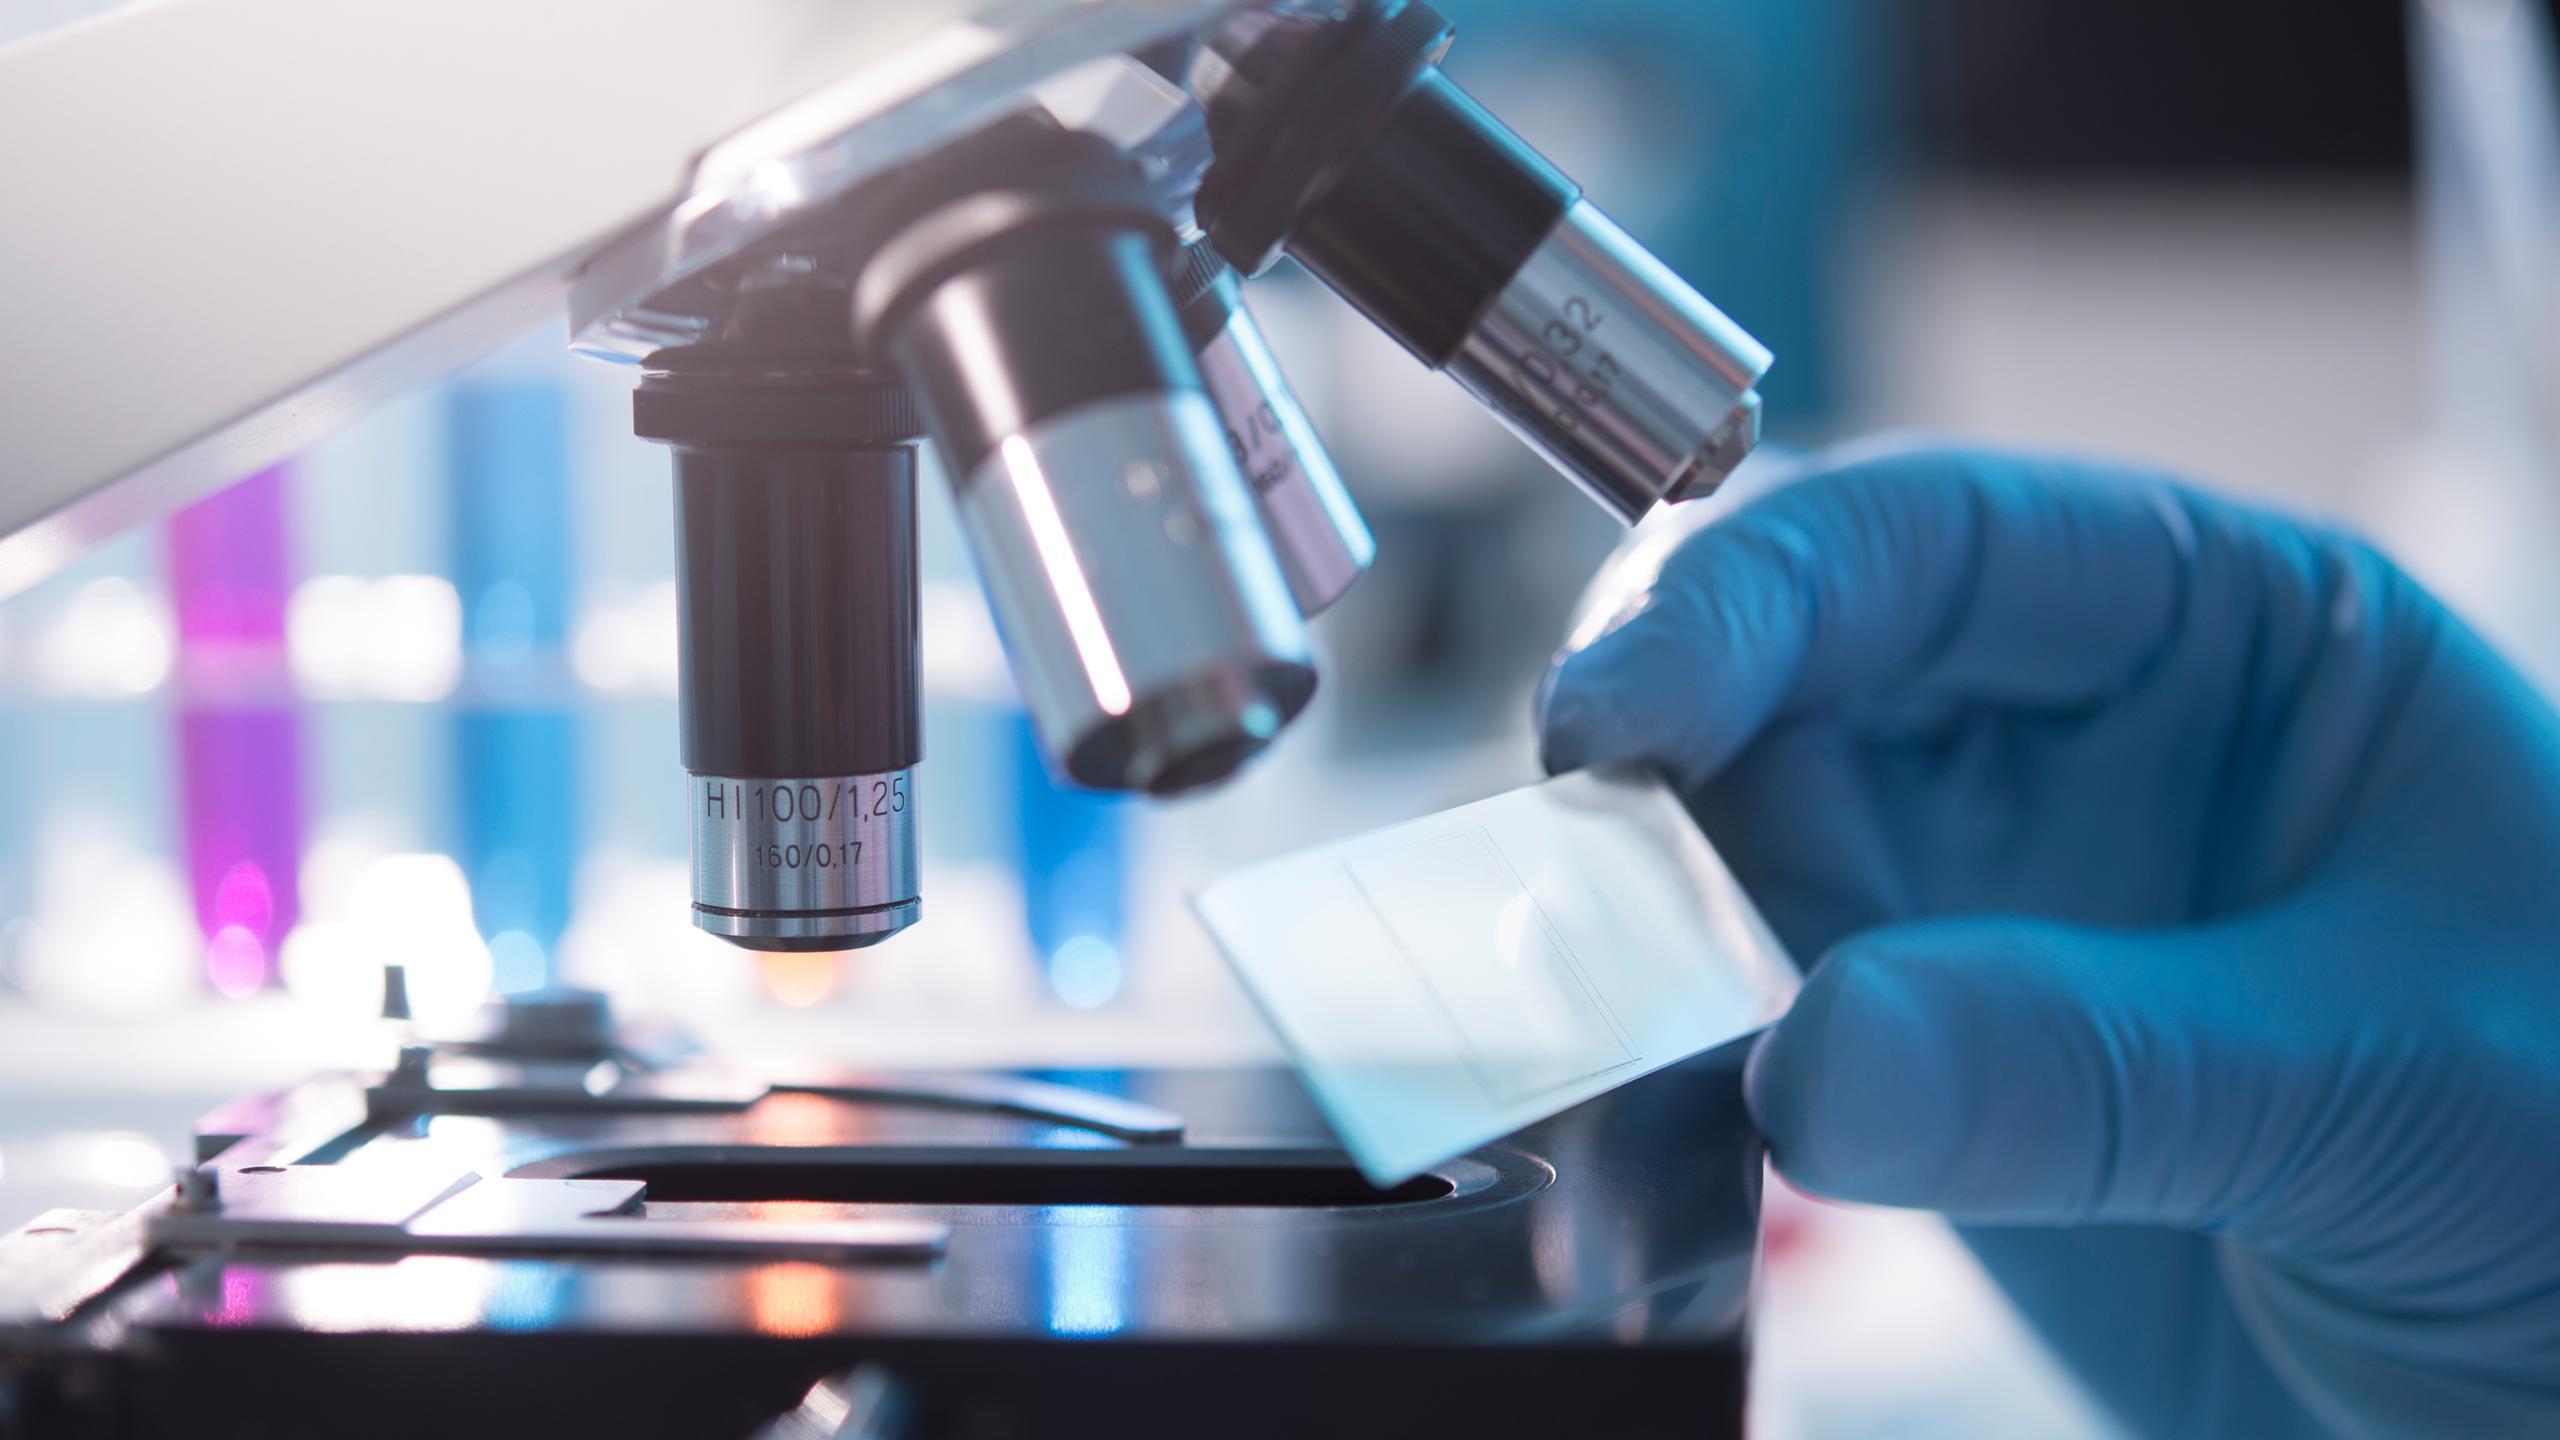 Иммуногистохимия (игх-анализ) рака молочной железы: что показывает, расшифровка результатов. как проводится игх анализ